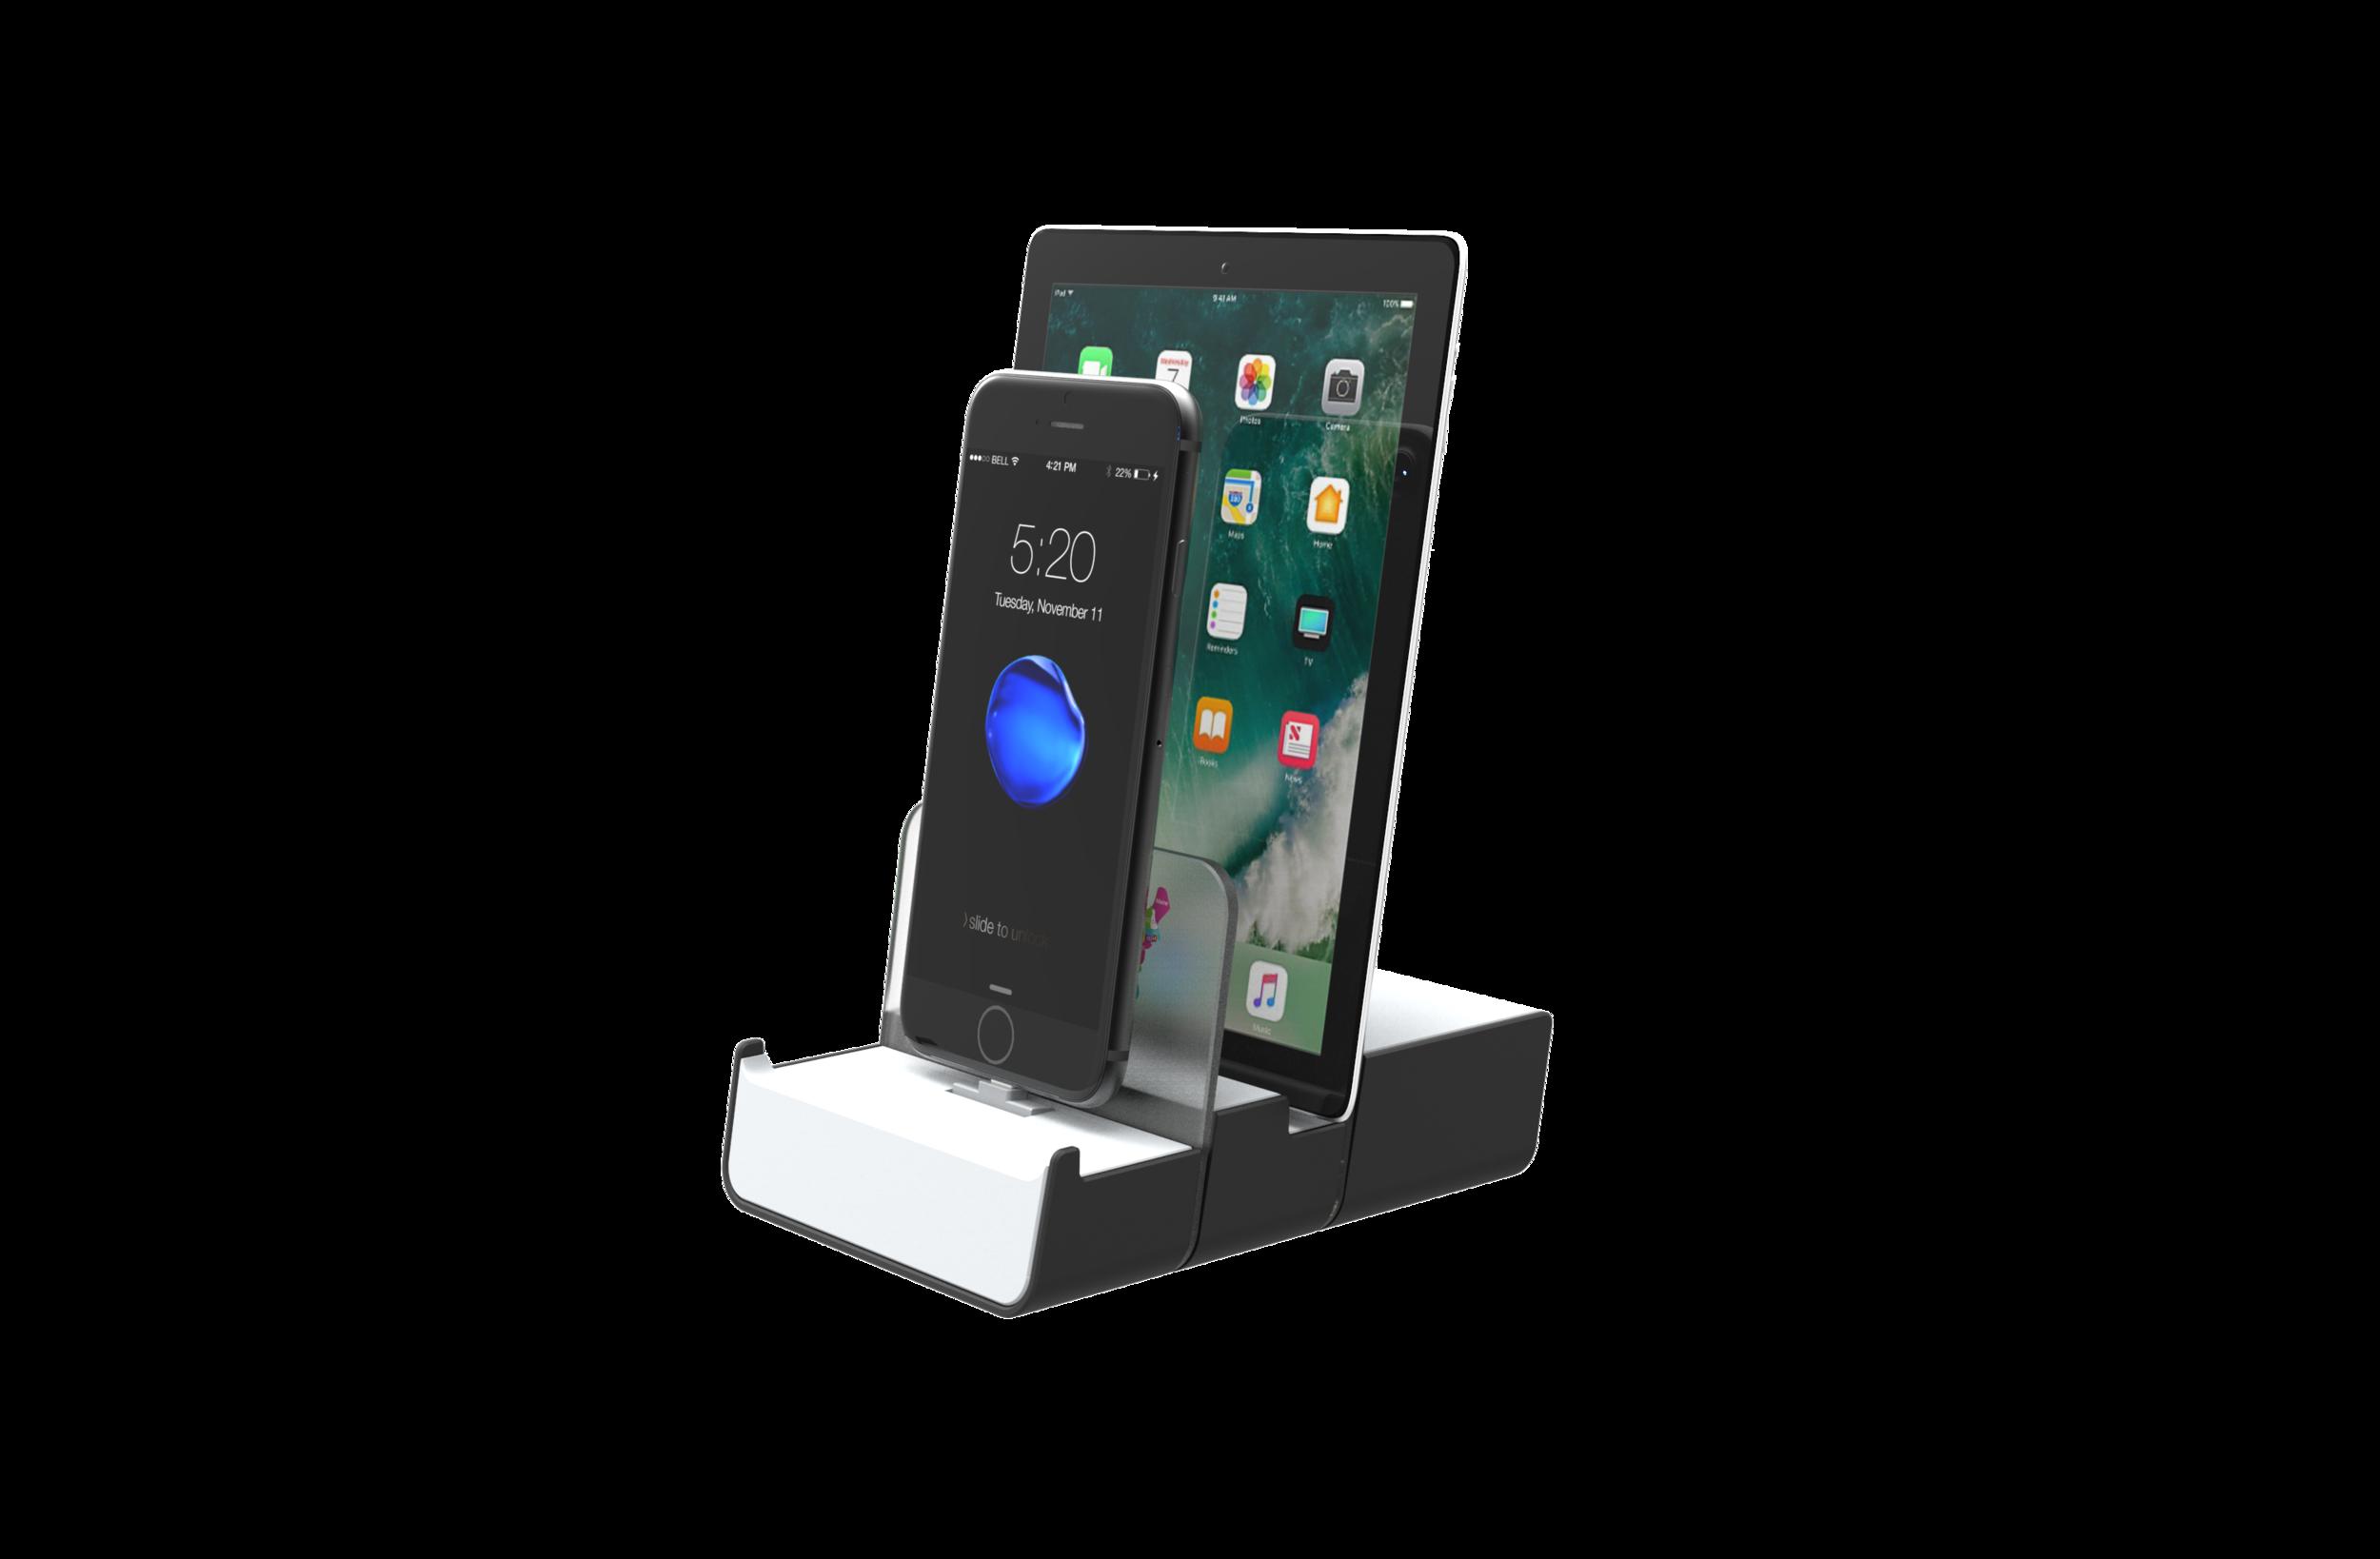 Duodock+iphone.368.png